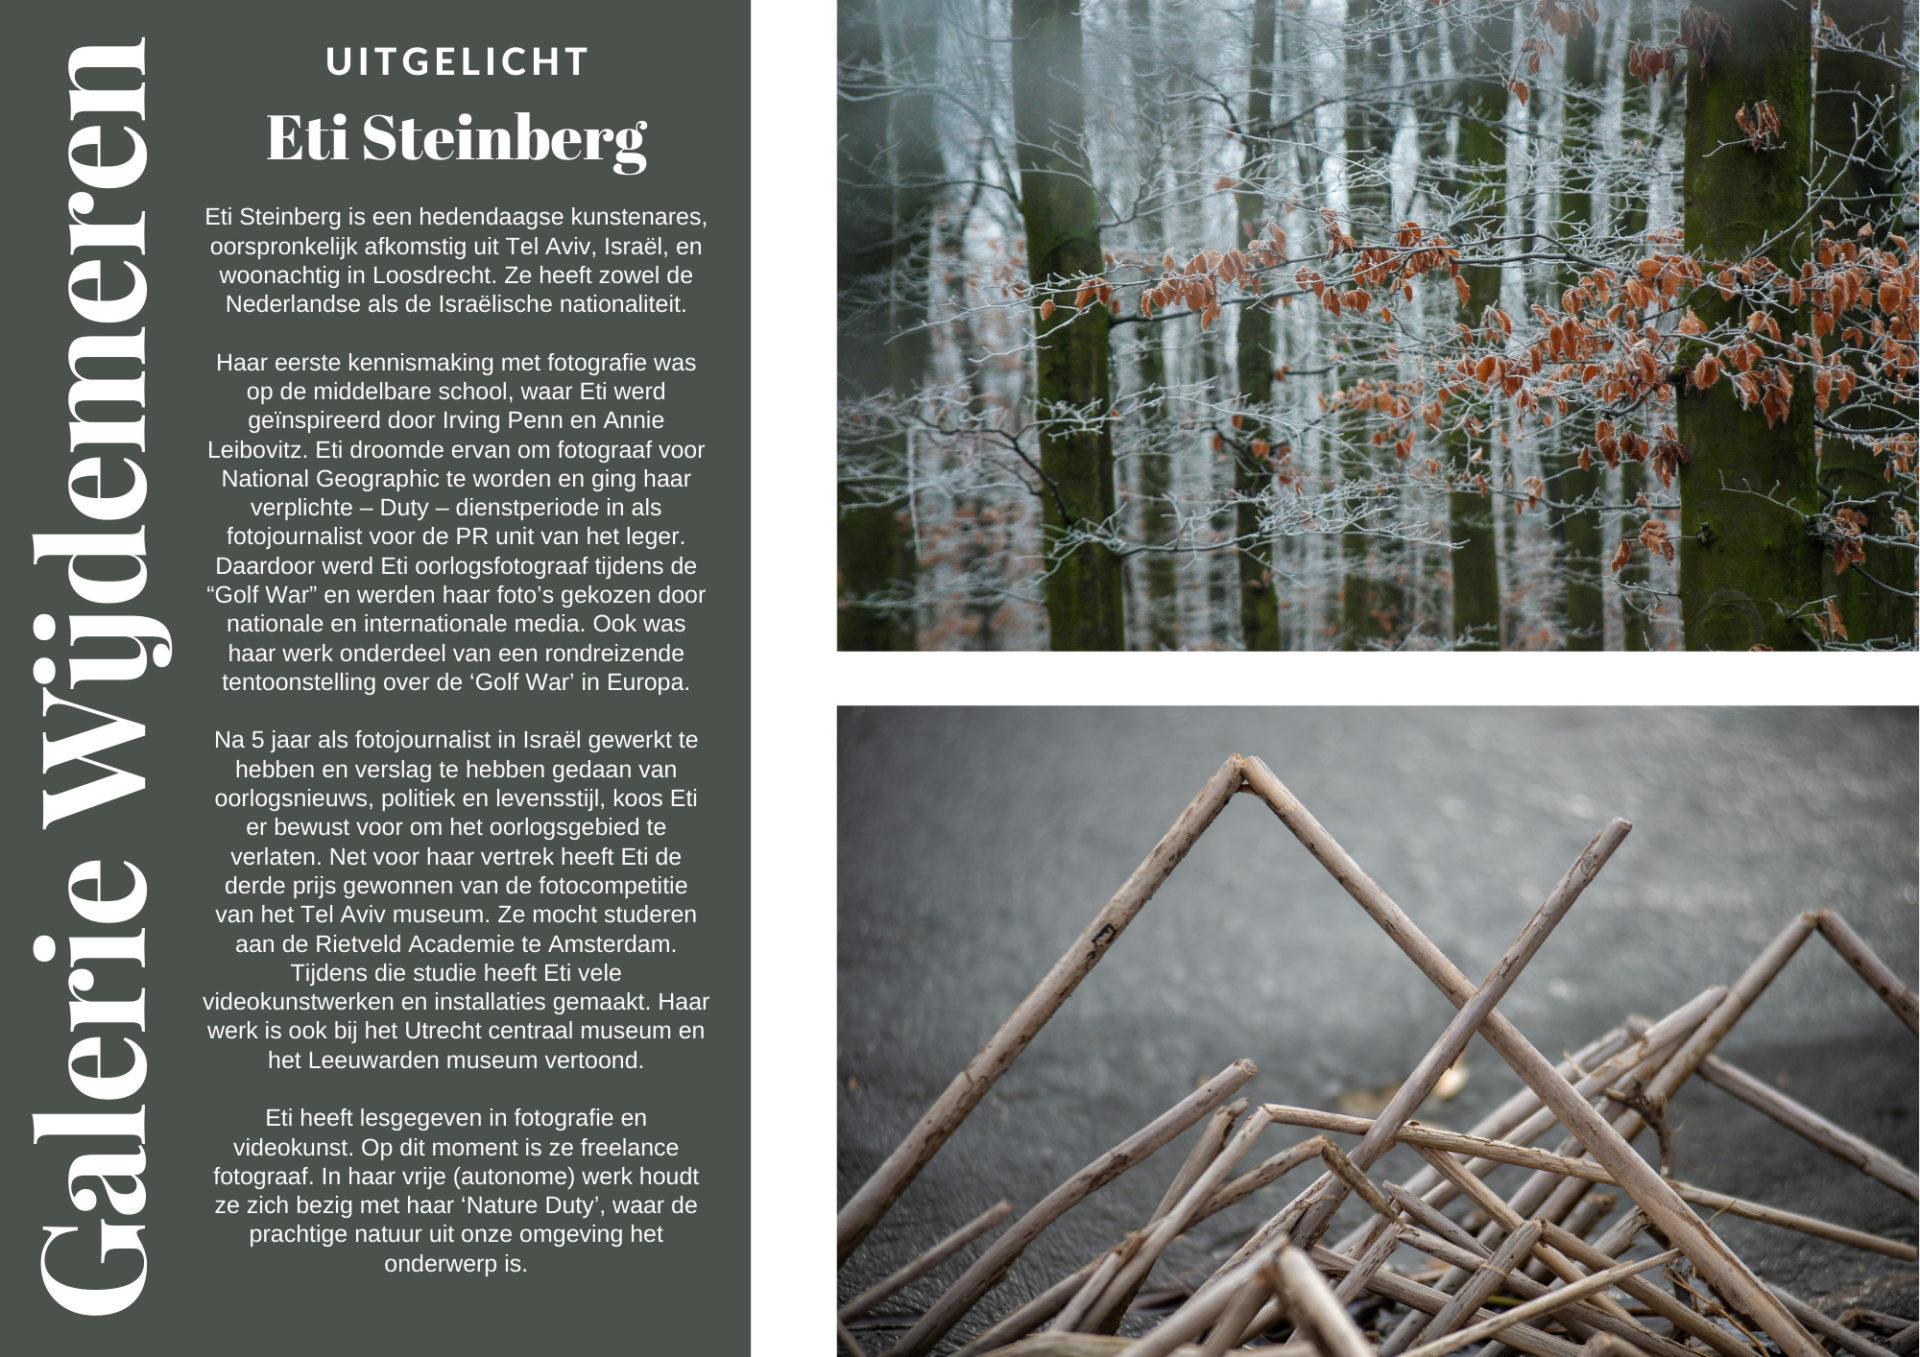 Eti Steinberg, Galerie Wijdemeren